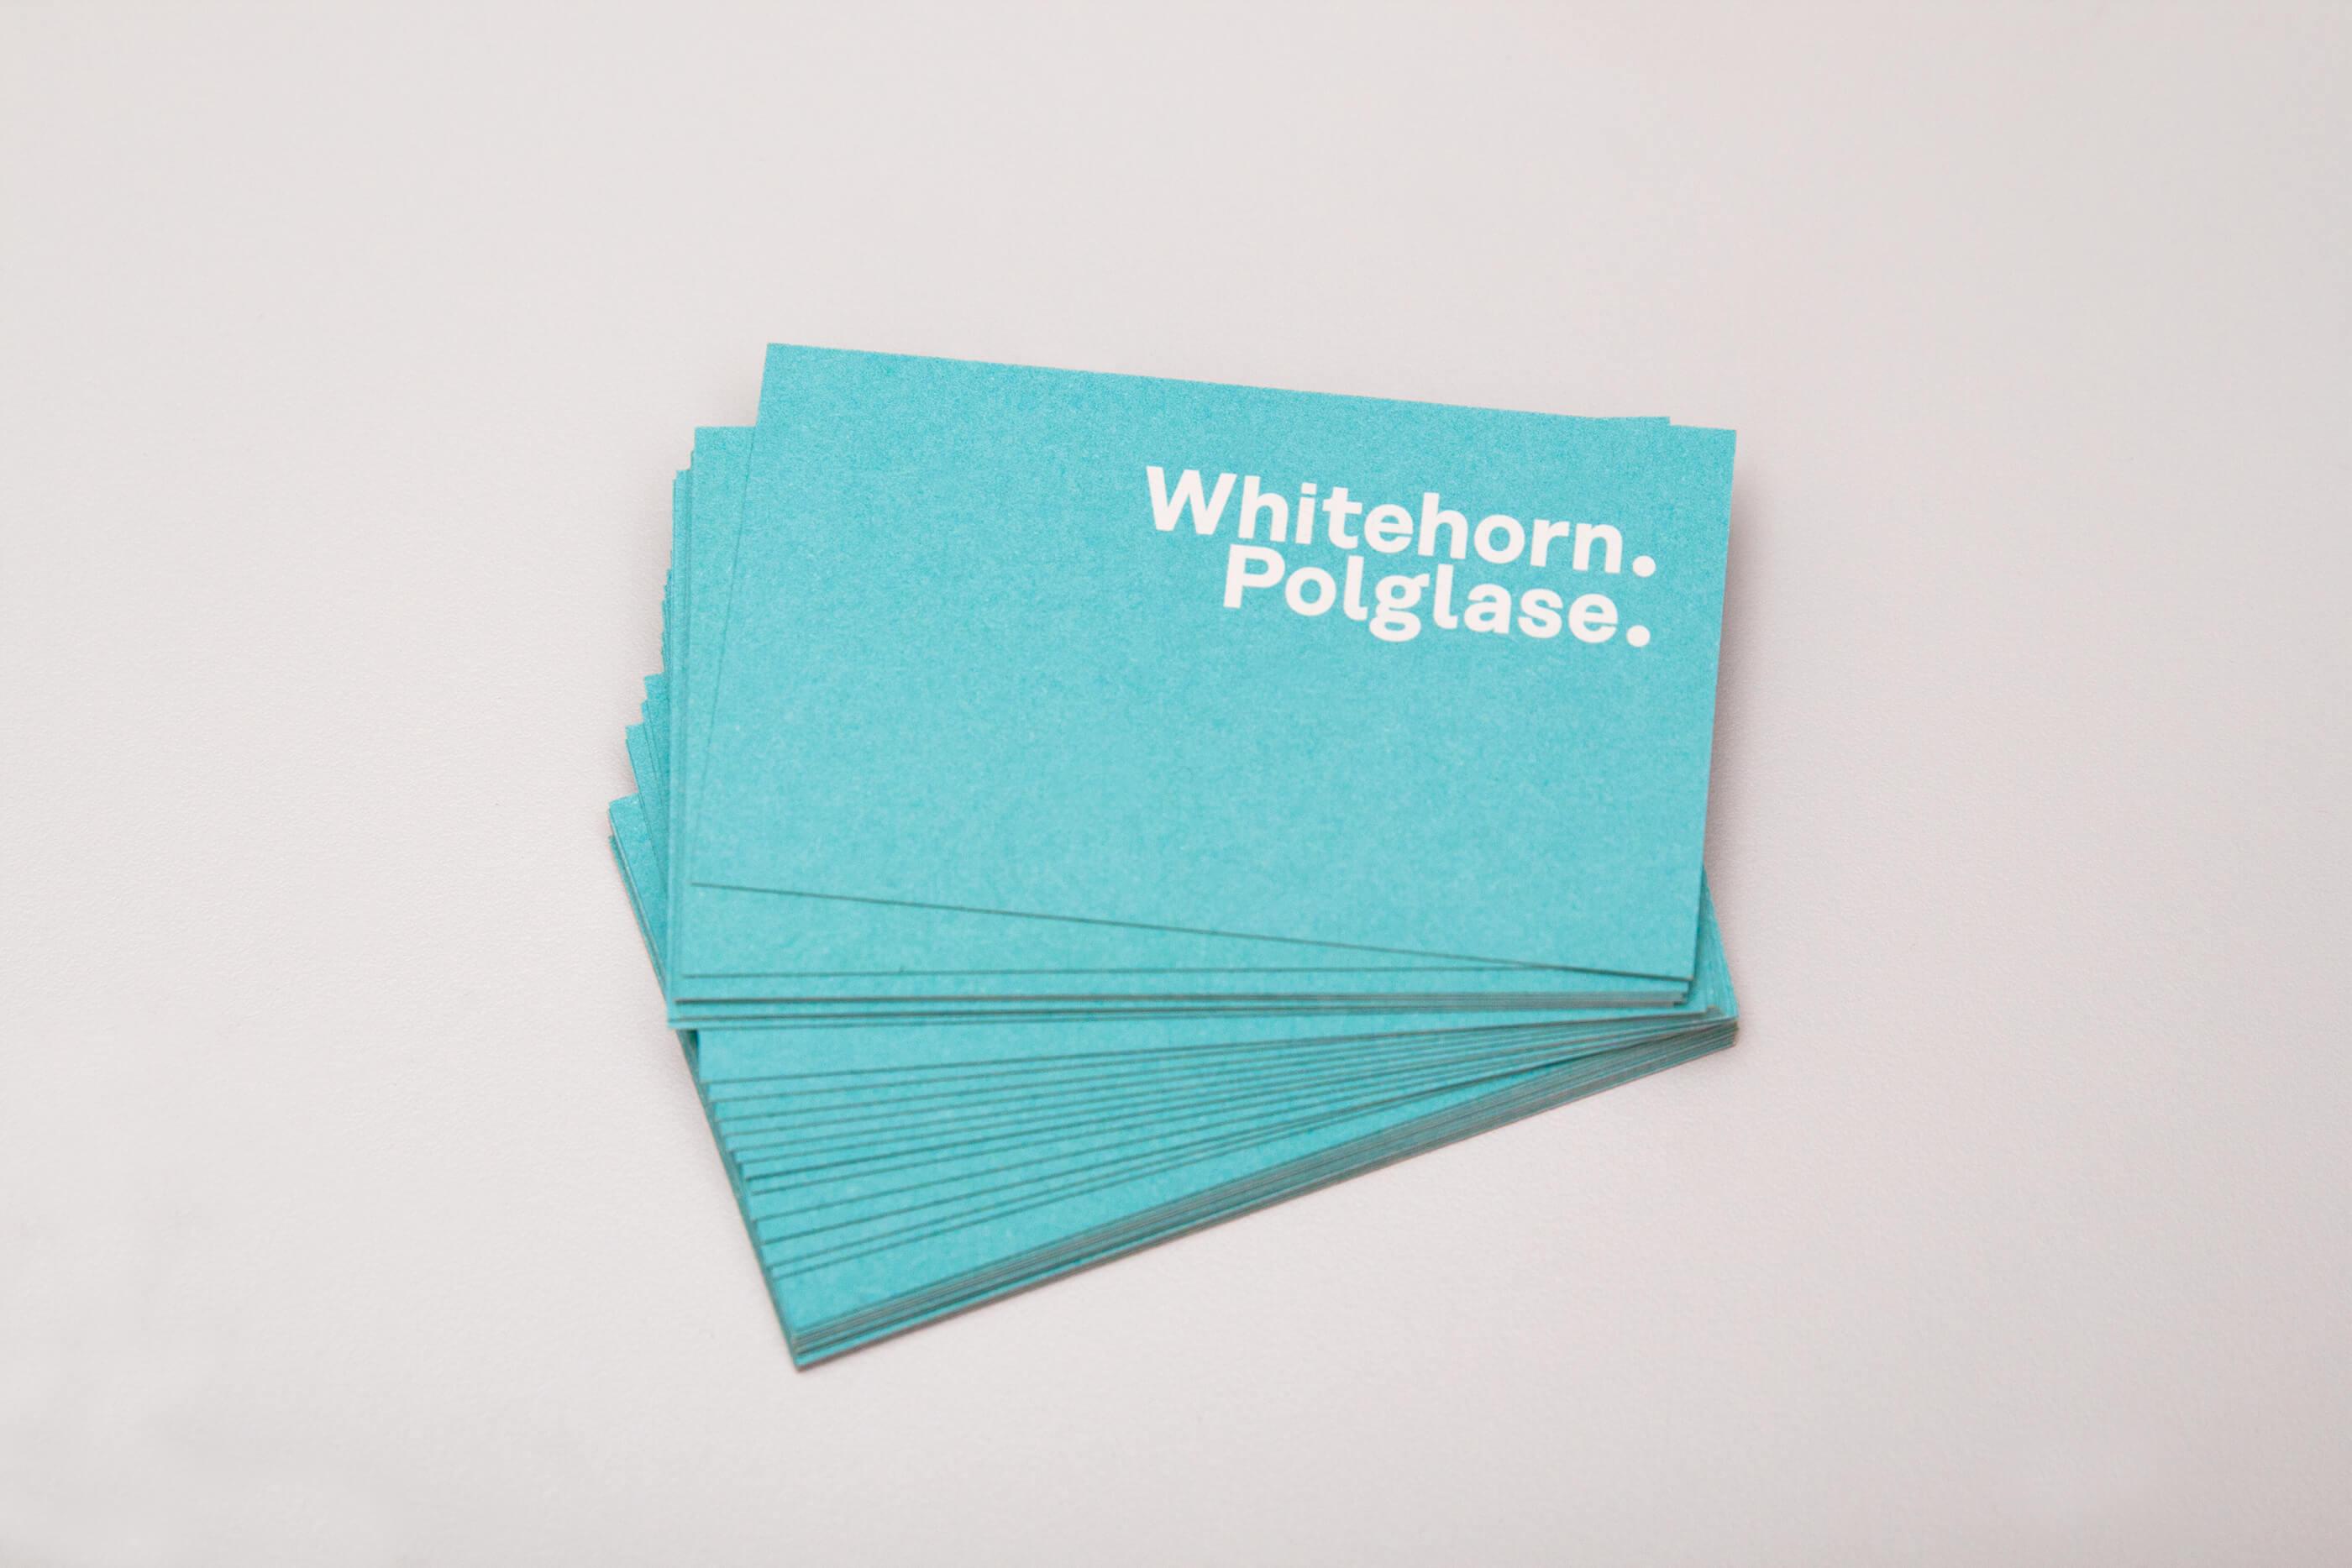 whitehorn_polglase_business_card_pile